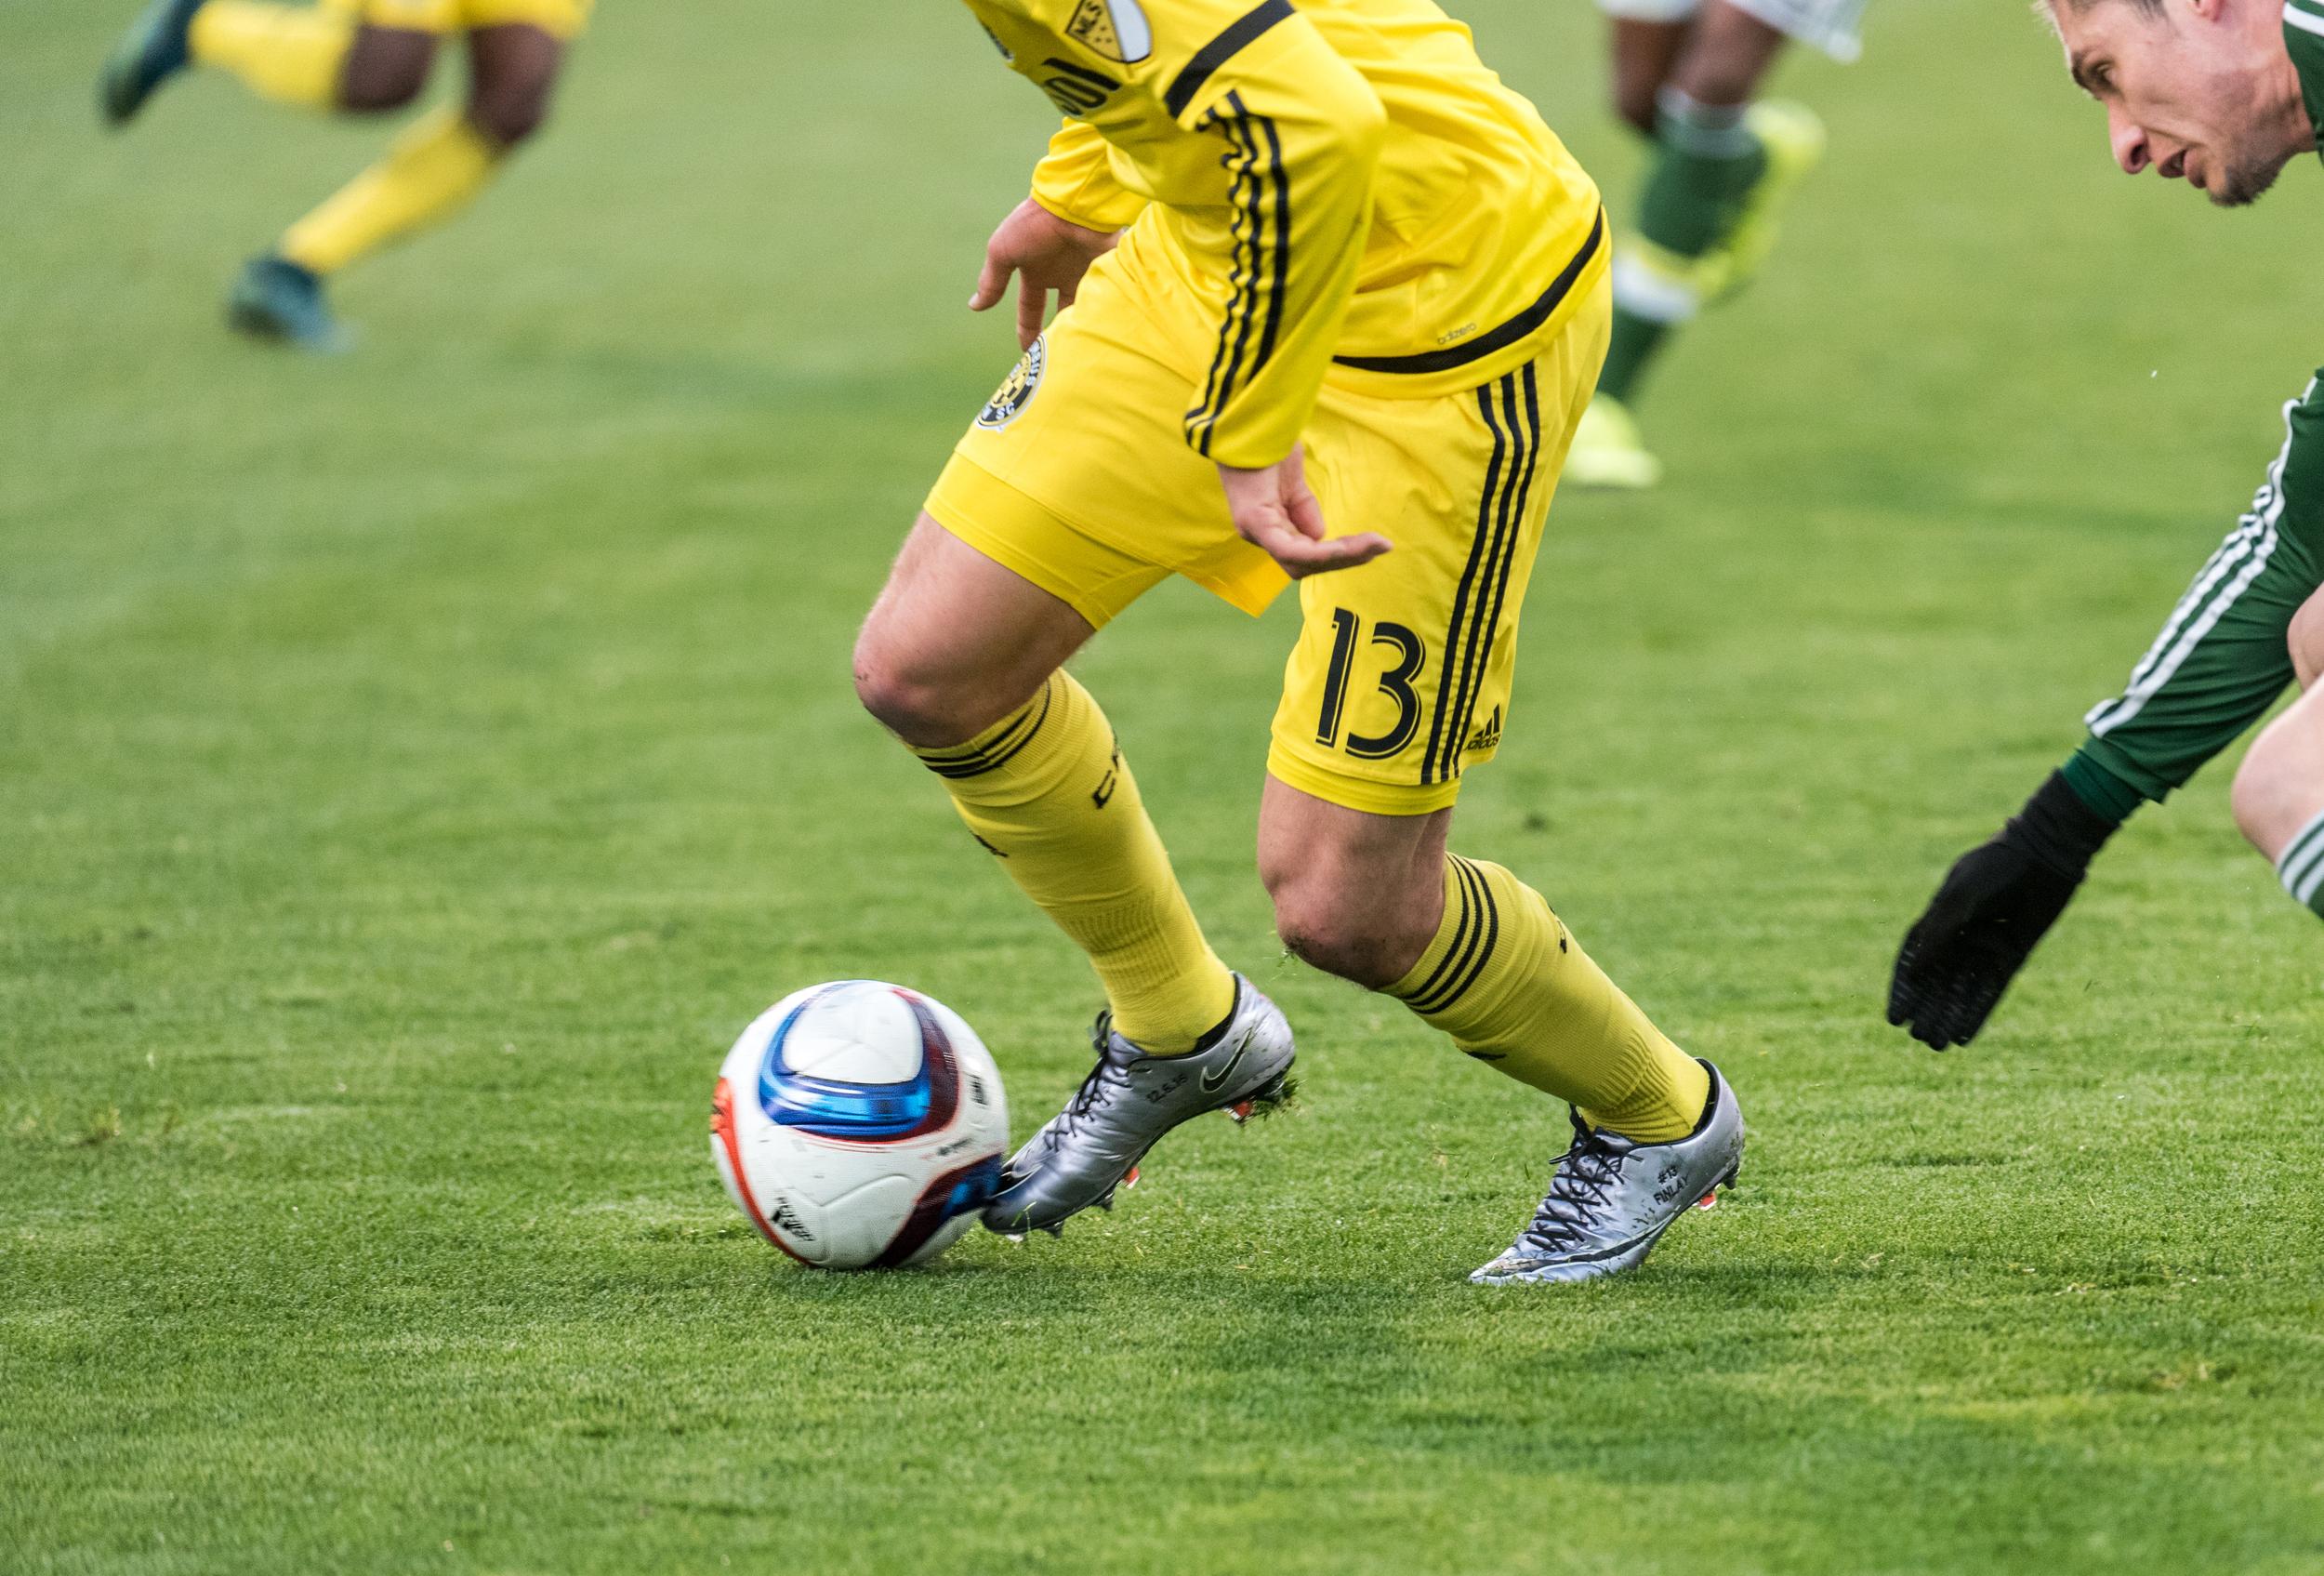 Final_Soccer01.JPG